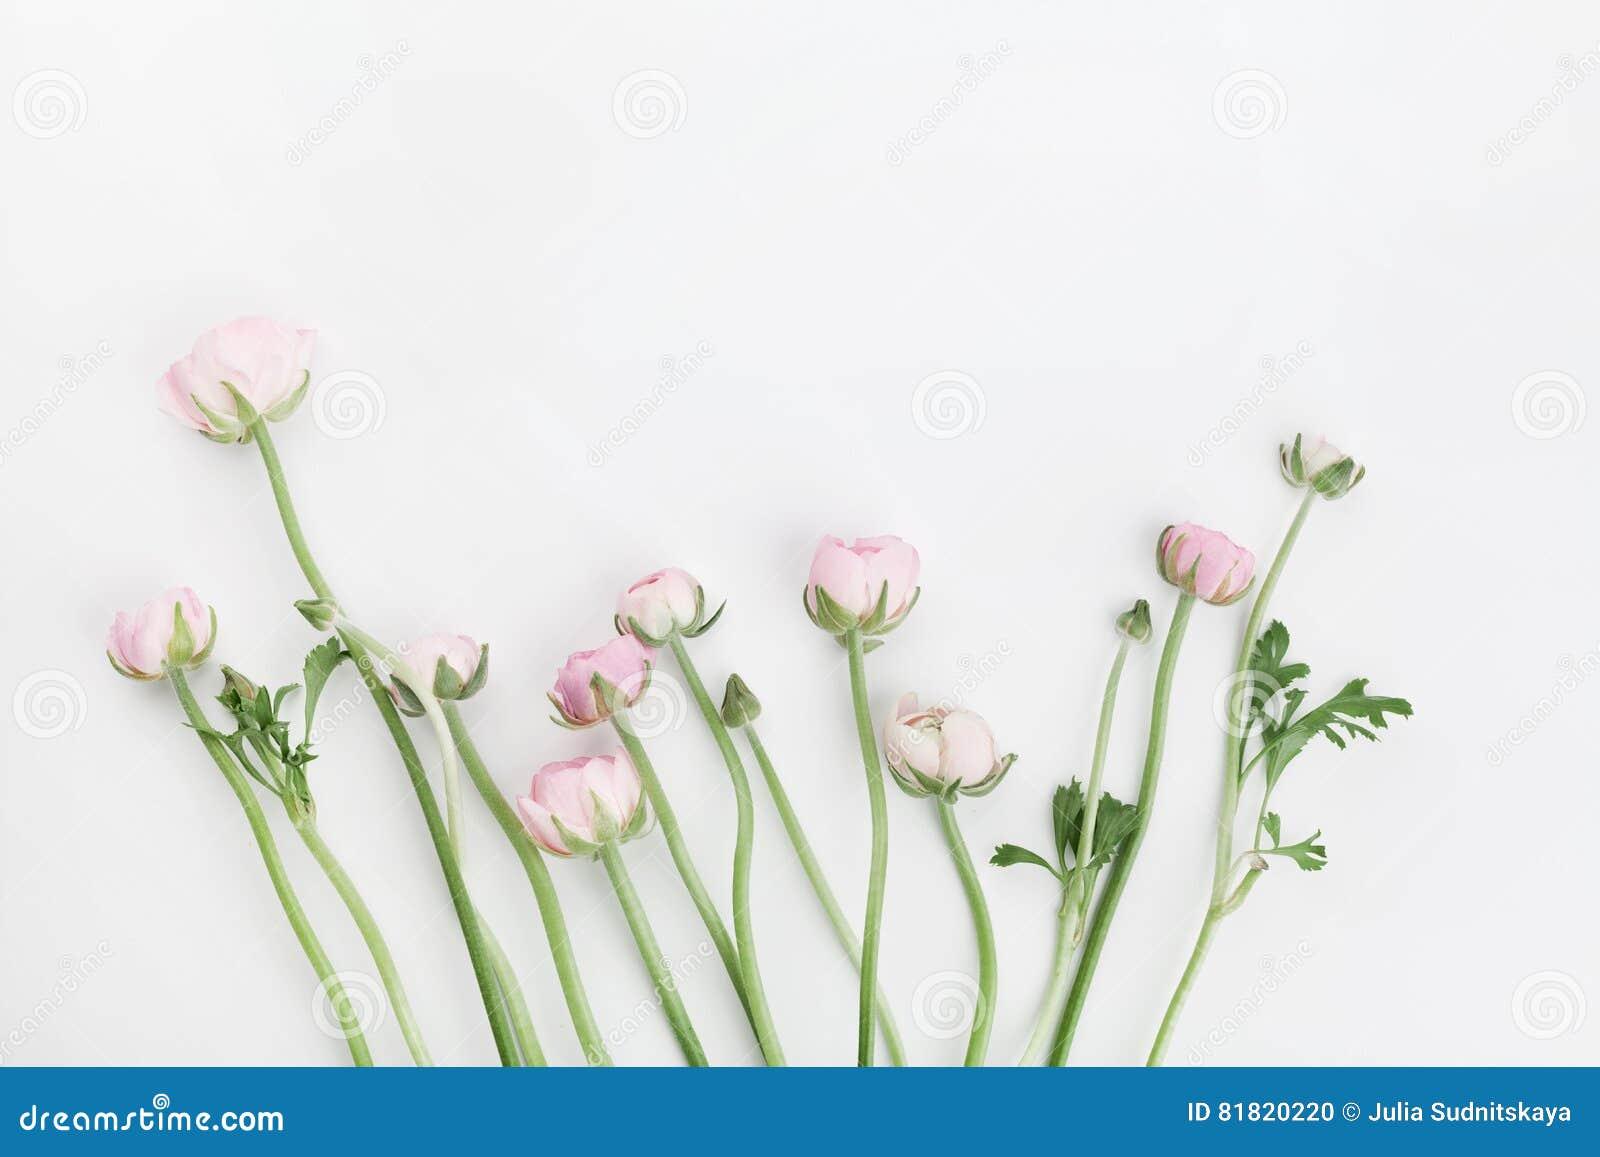 美丽的春天毛茛属在白色桌上从上面开花 花卉边界 婚礼大模型 淡色 清洗文本的空间